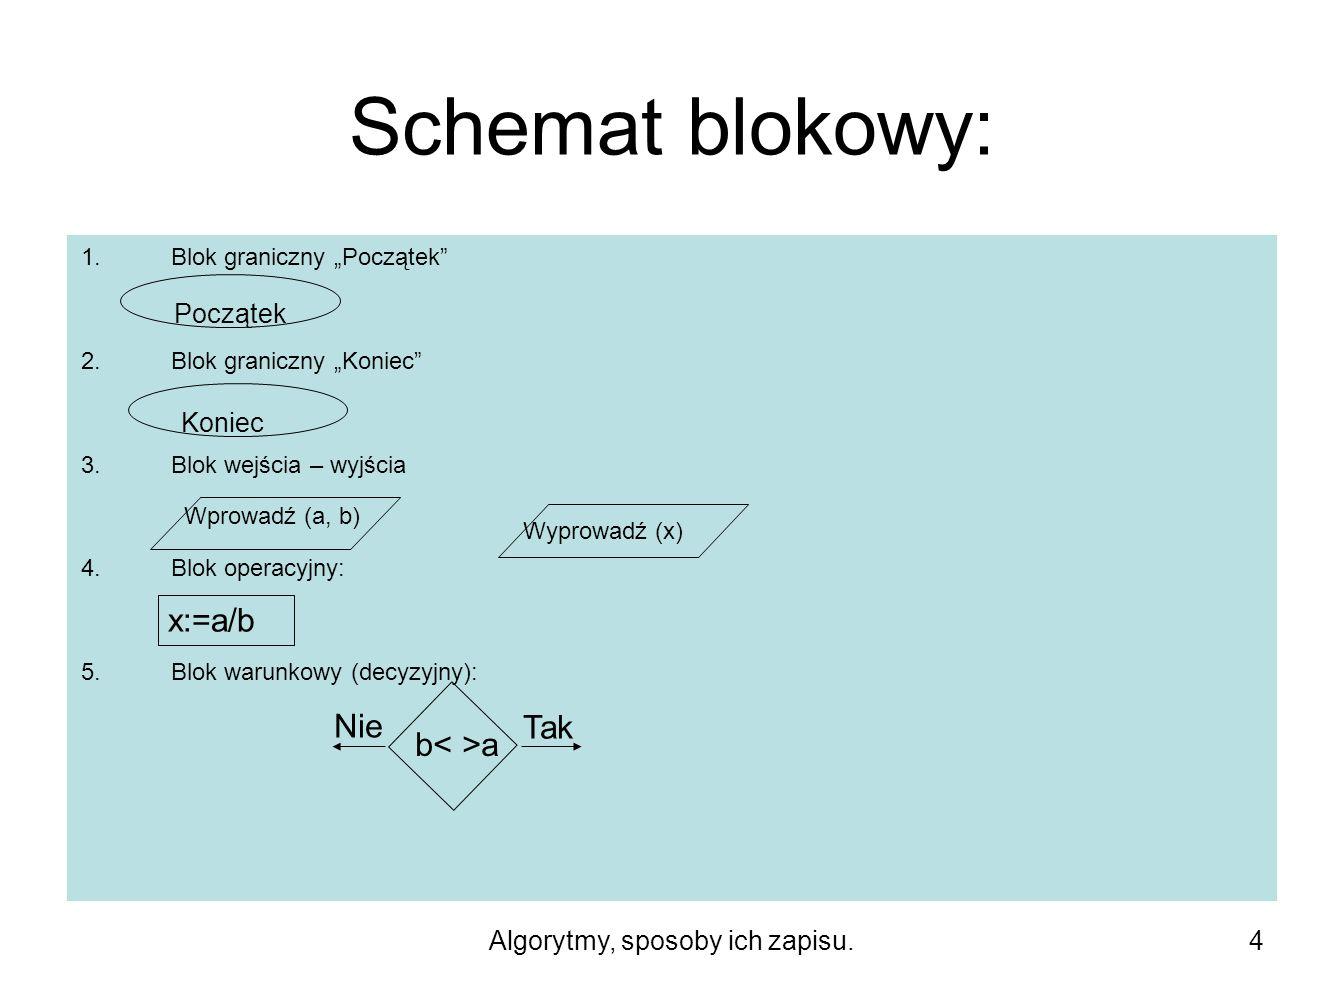 """Algorytmy, sposoby ich zapisu.4 Schemat blokowy: 1.Blok graniczny """"Początek 2.Blok graniczny """"Koniec 3.Blok wejścia – wyjścia 4.Blok operacyjny: 5.Blok warunkowy (decyzyjny): KoniecPoczątek Wprowadź (a, b) Wyprowadź (x) x:=a/b b a Tak Nie"""